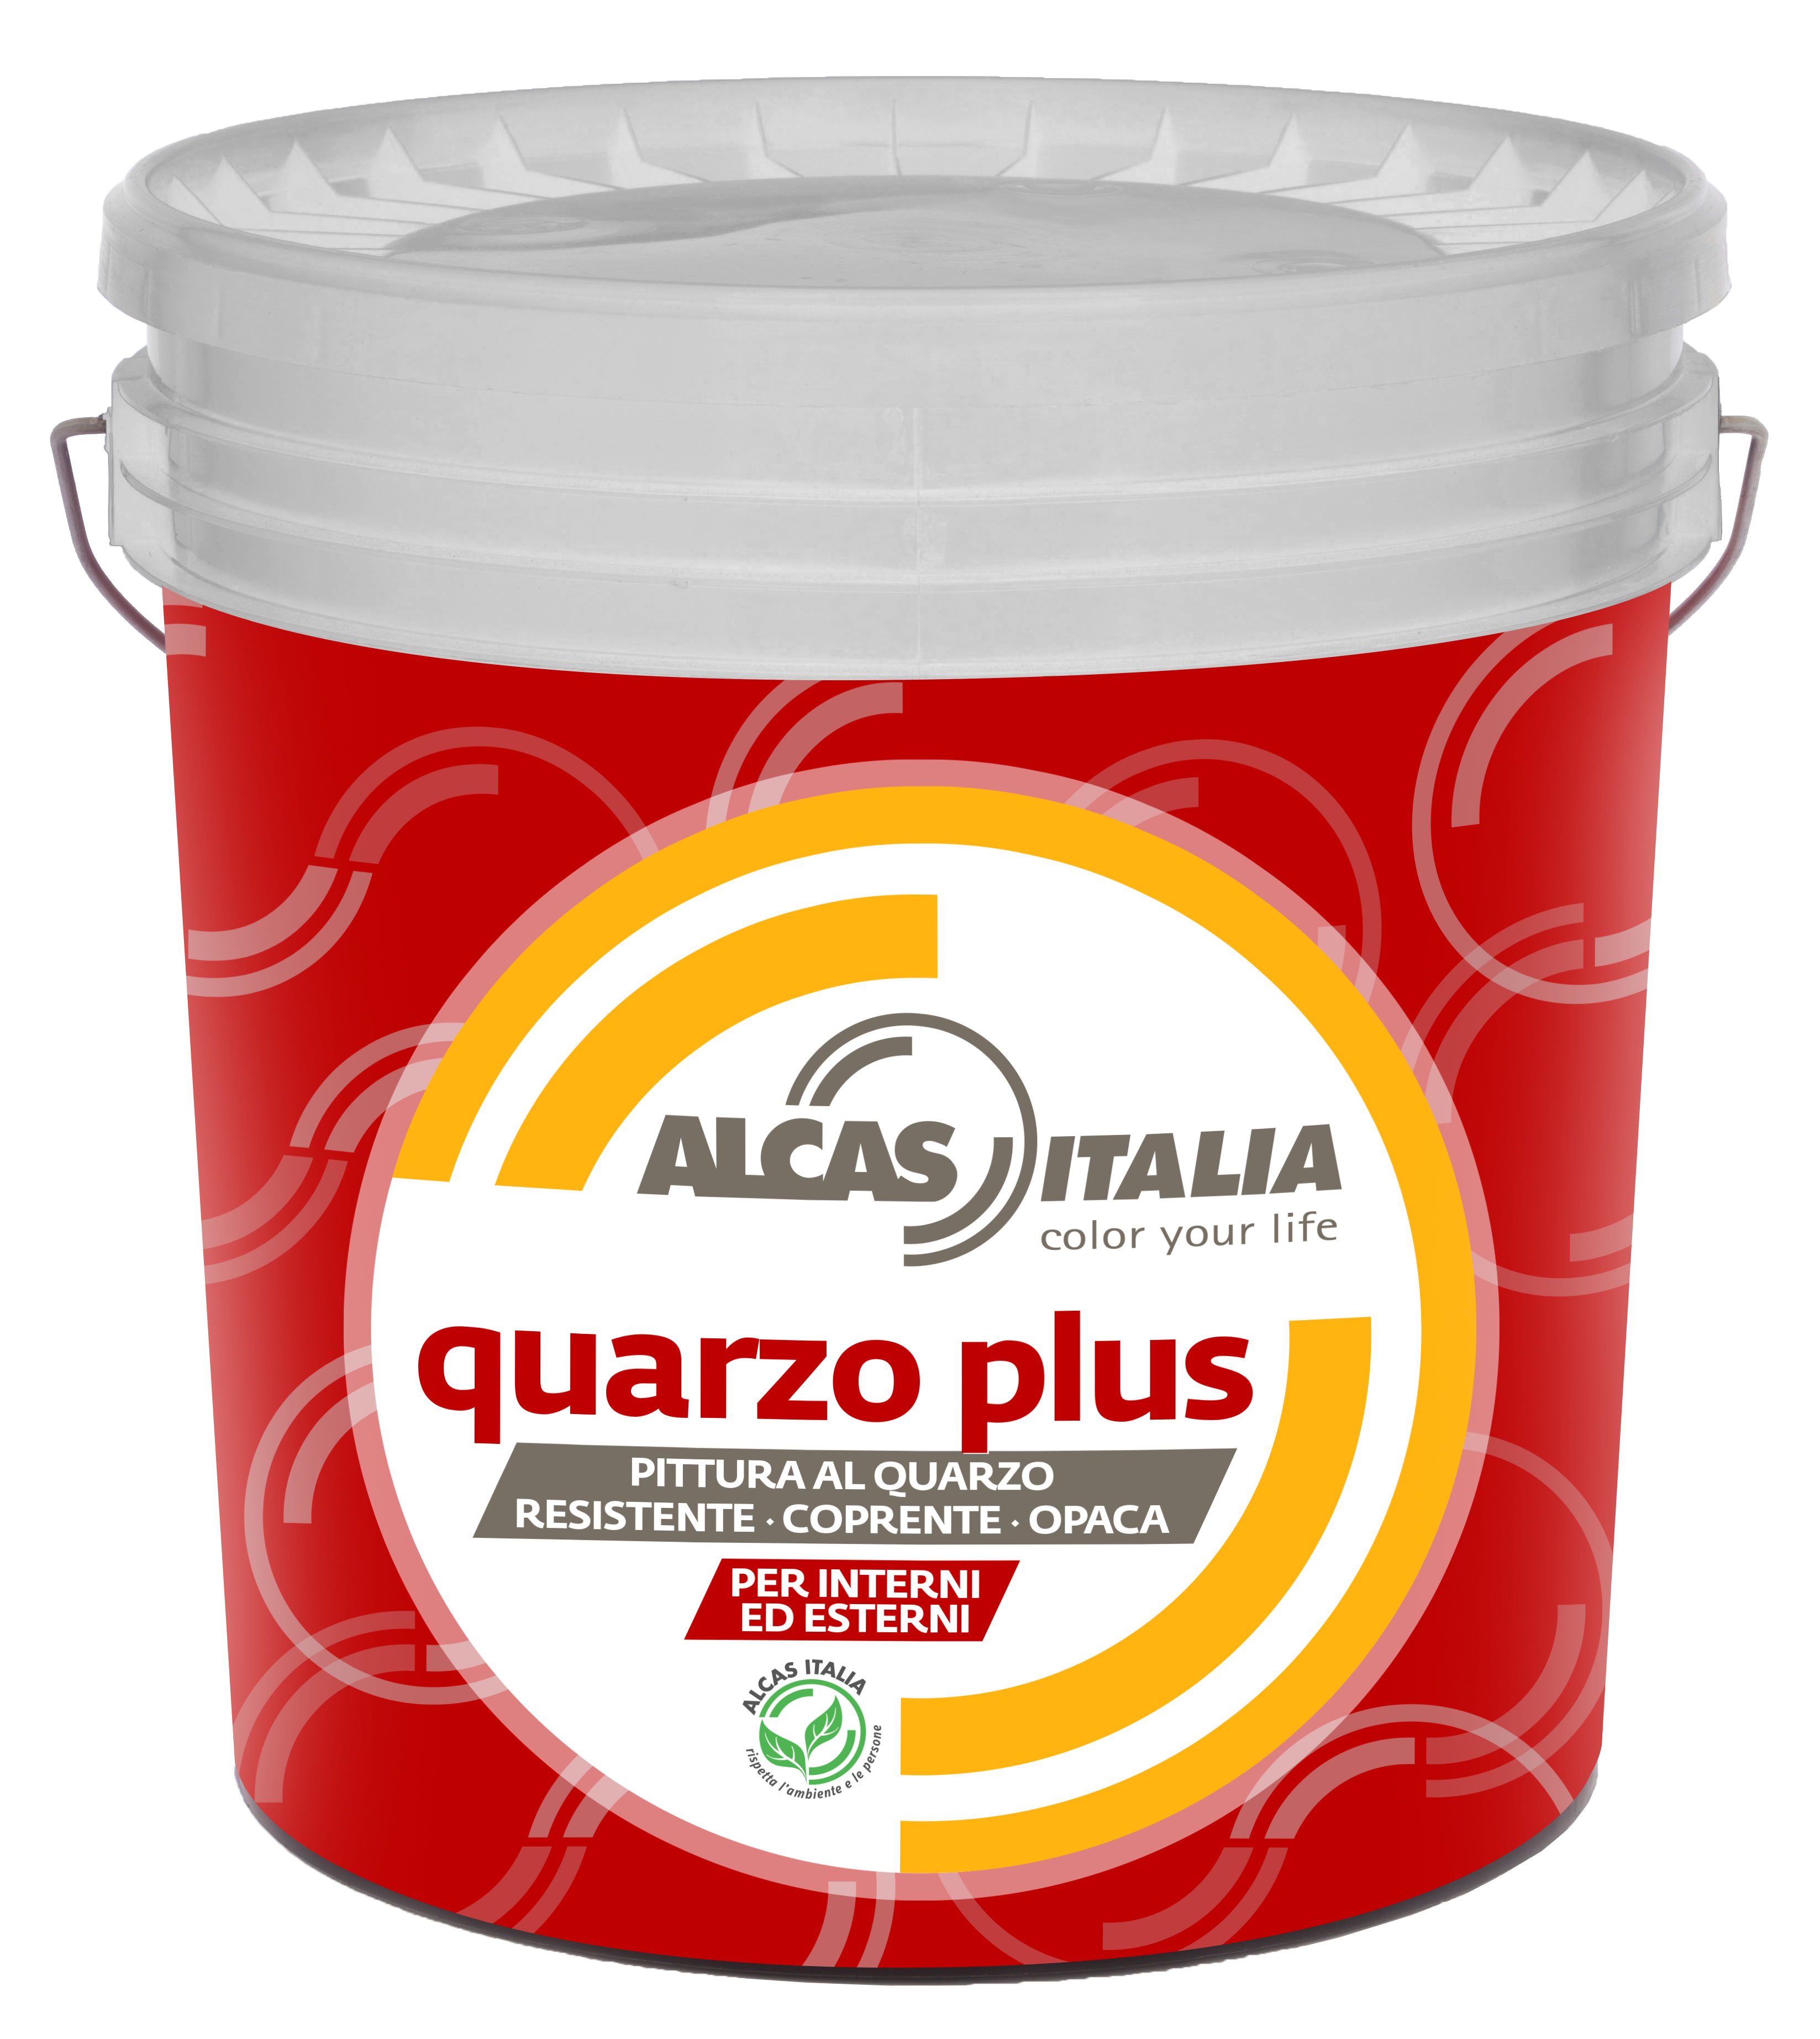 Quarzo Plus